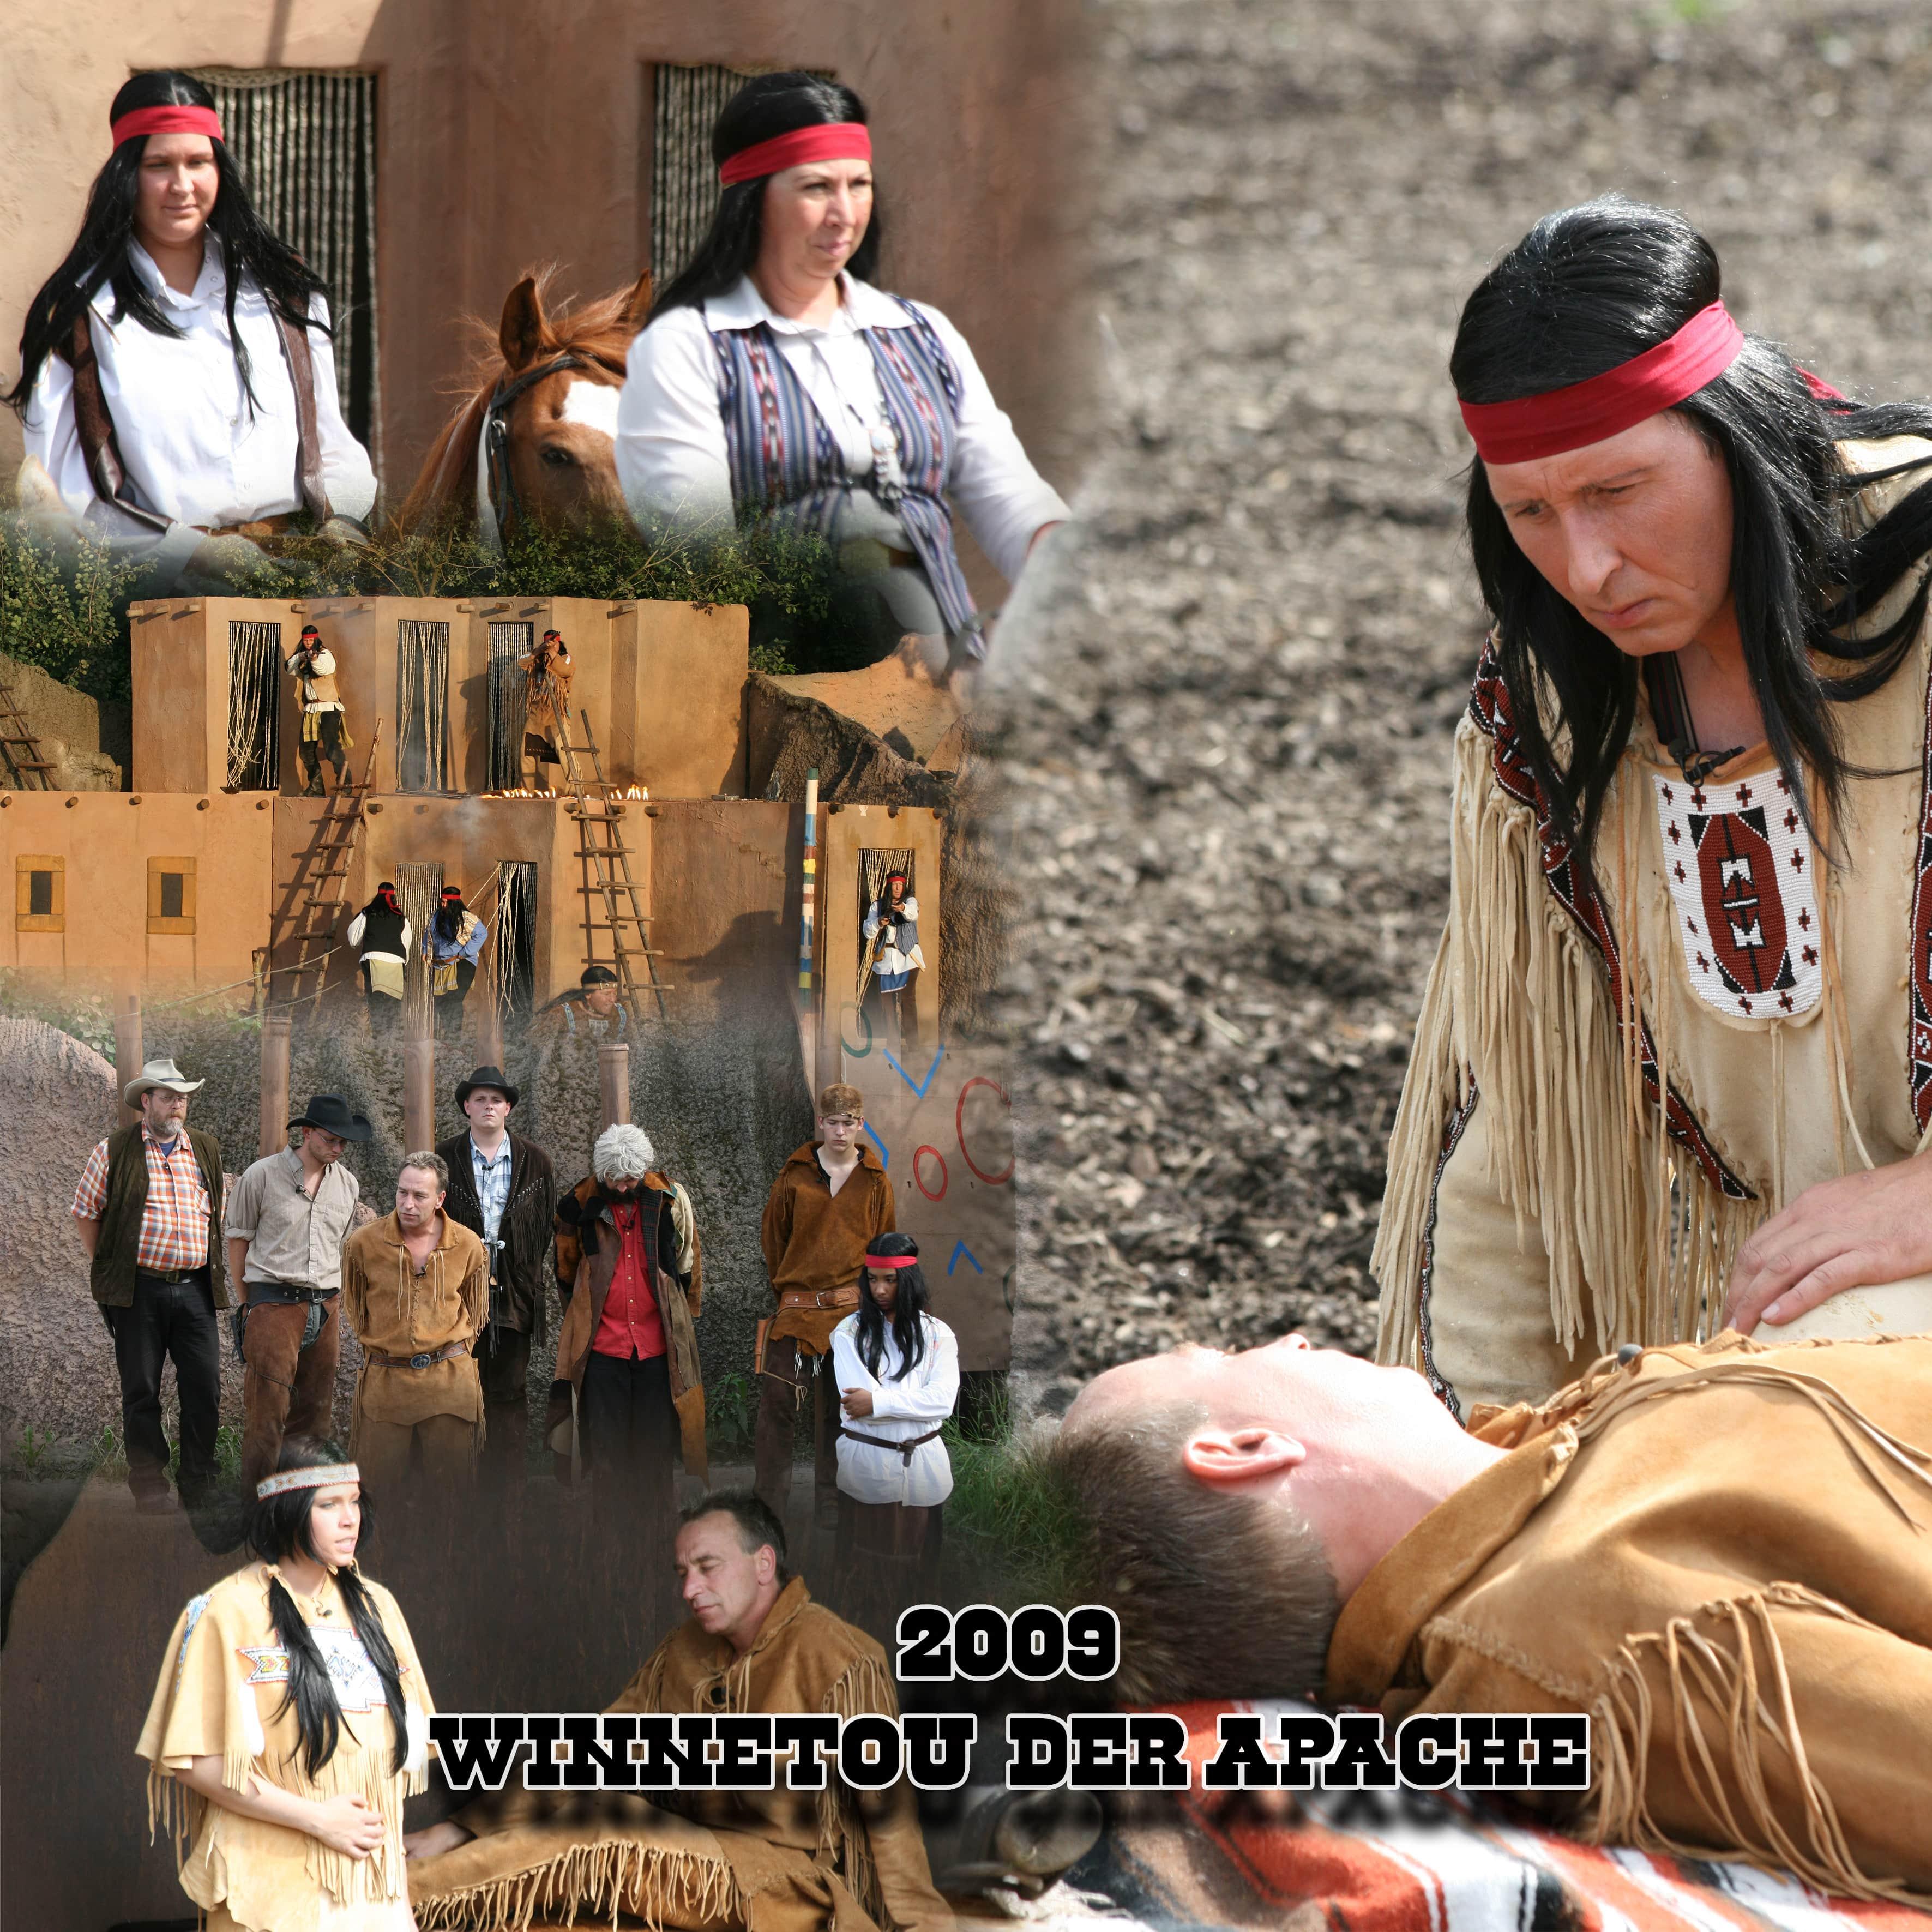 2009 - Winnetou der Apache